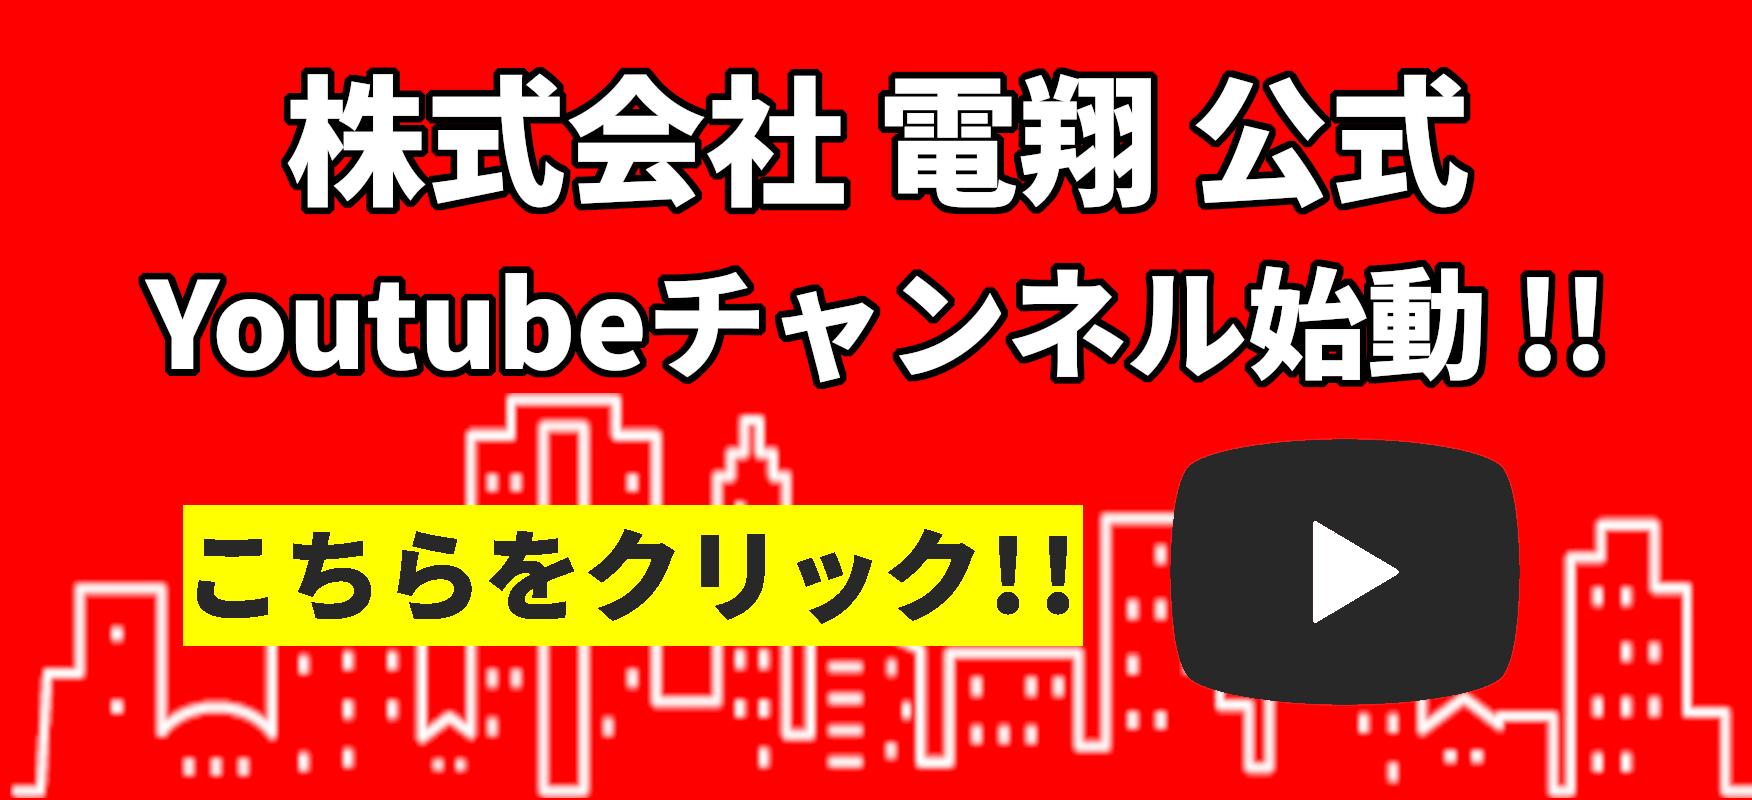 電翔youtube